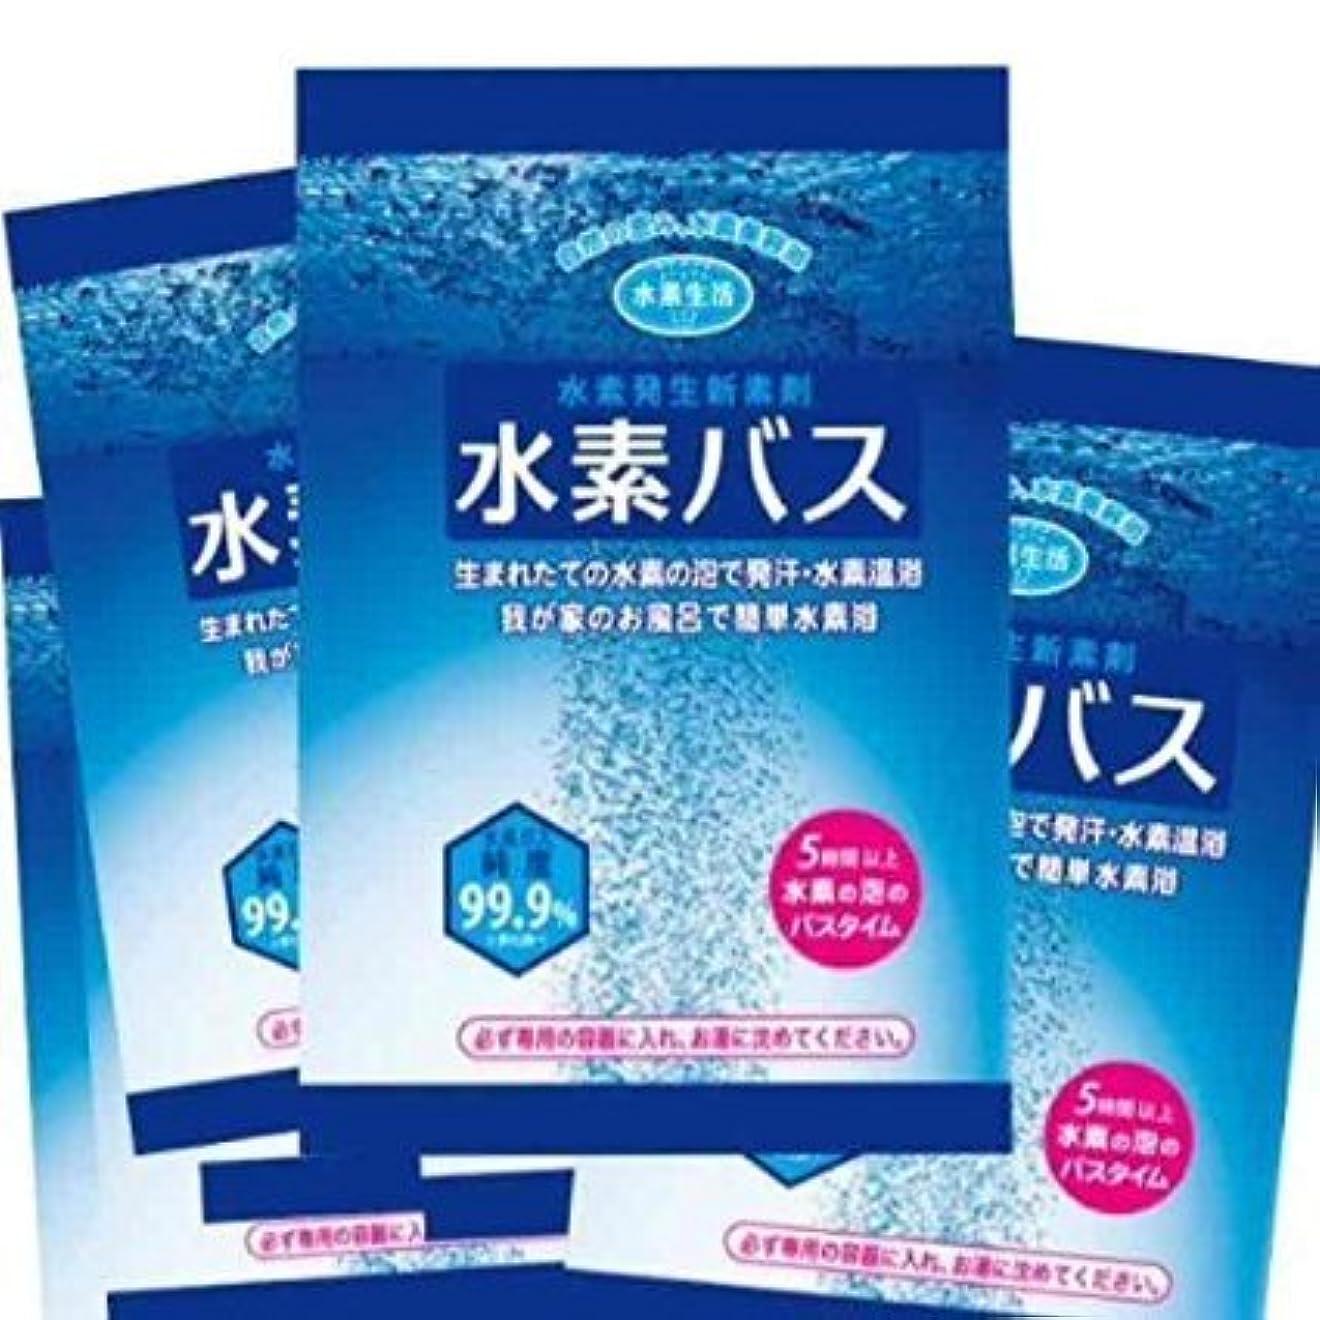 マイナスクラシック水銀の水素バス 水素剤 20袋(10袋入×2箱)<専用ケースなし>